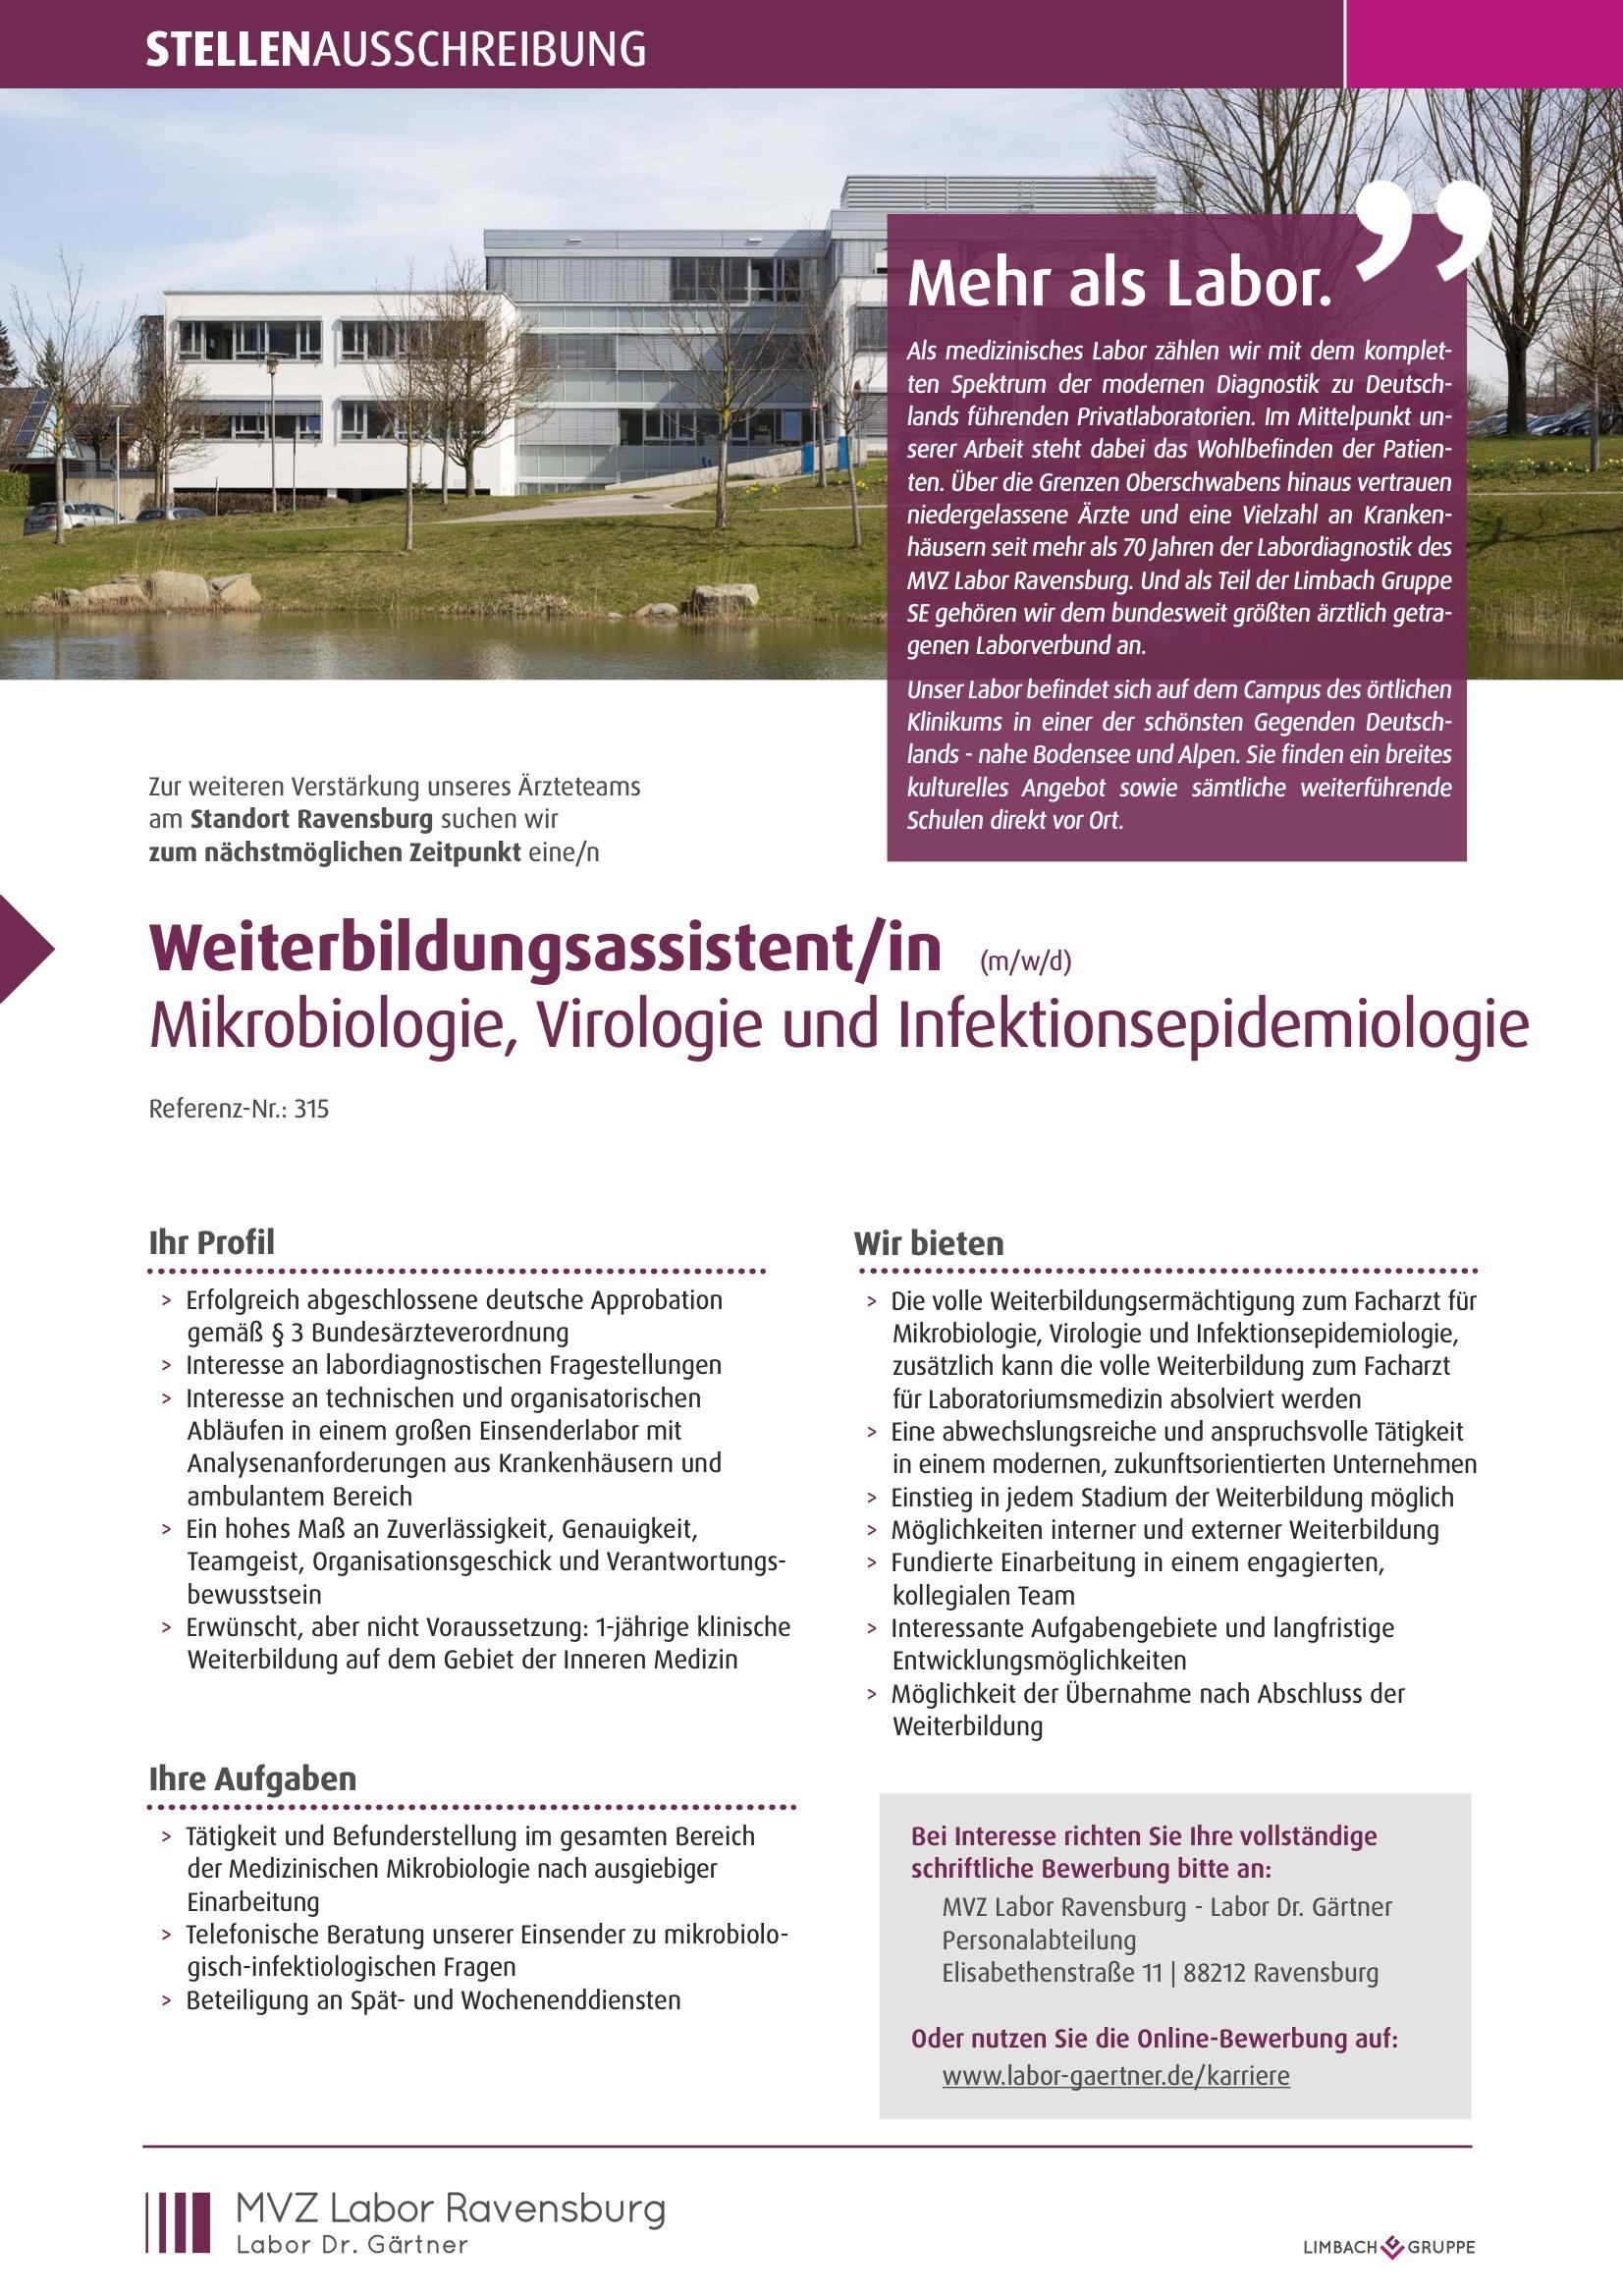 Weiterbildungsassistent/in (m/w/d) Mikrobiologie, Virologie und Infektionsepidemiologie